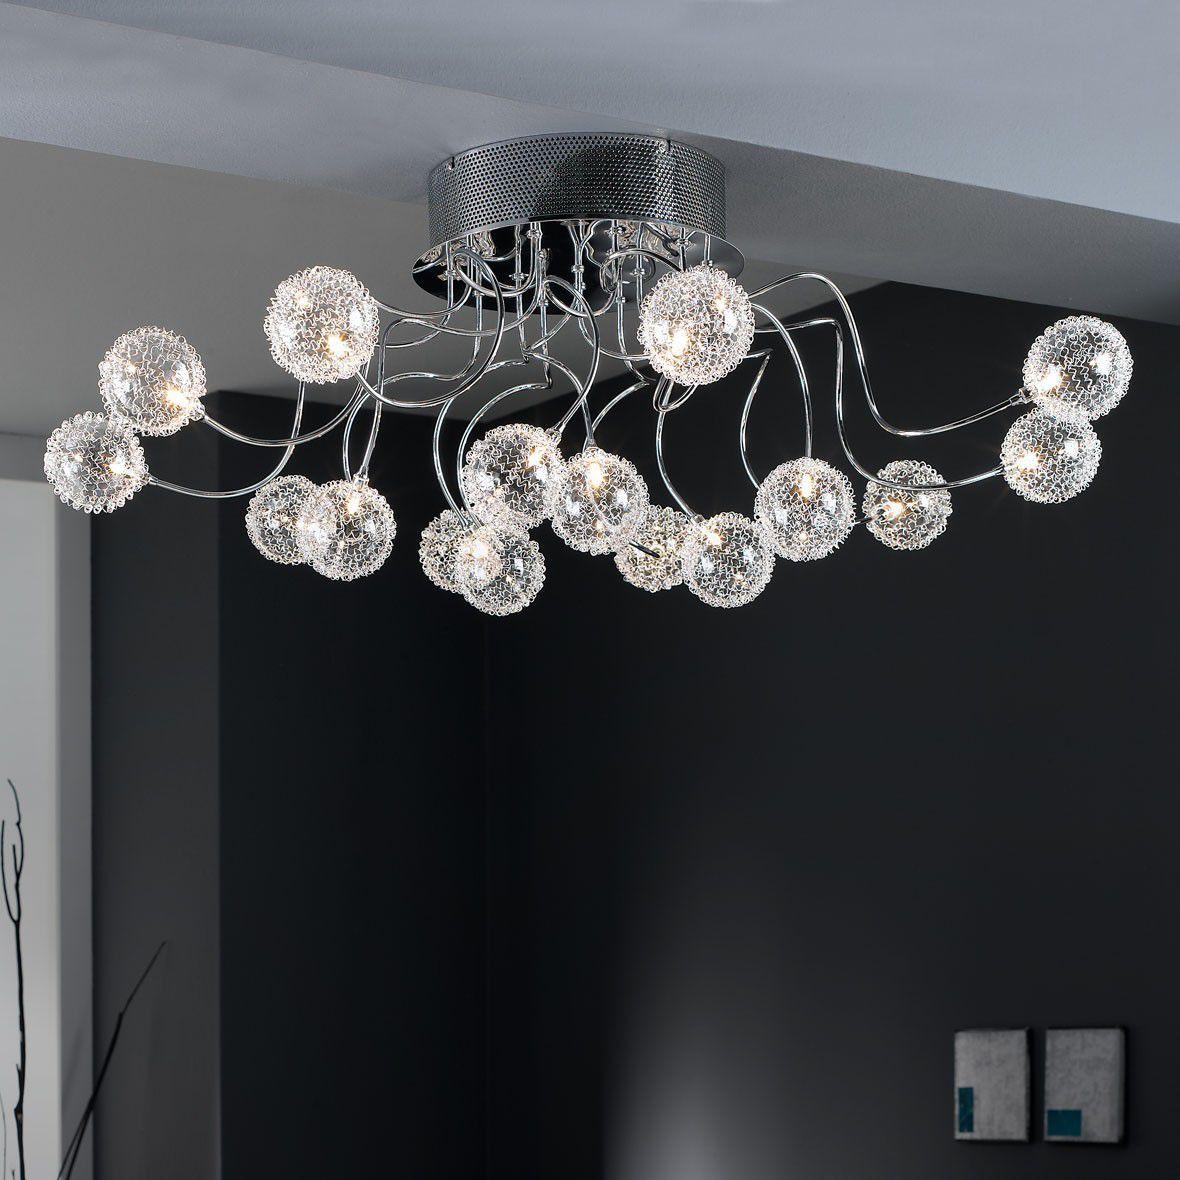 deckenleuchten als unauff llige allgemeinbeleuchtung oder nicht ganz. Black Bedroom Furniture Sets. Home Design Ideas